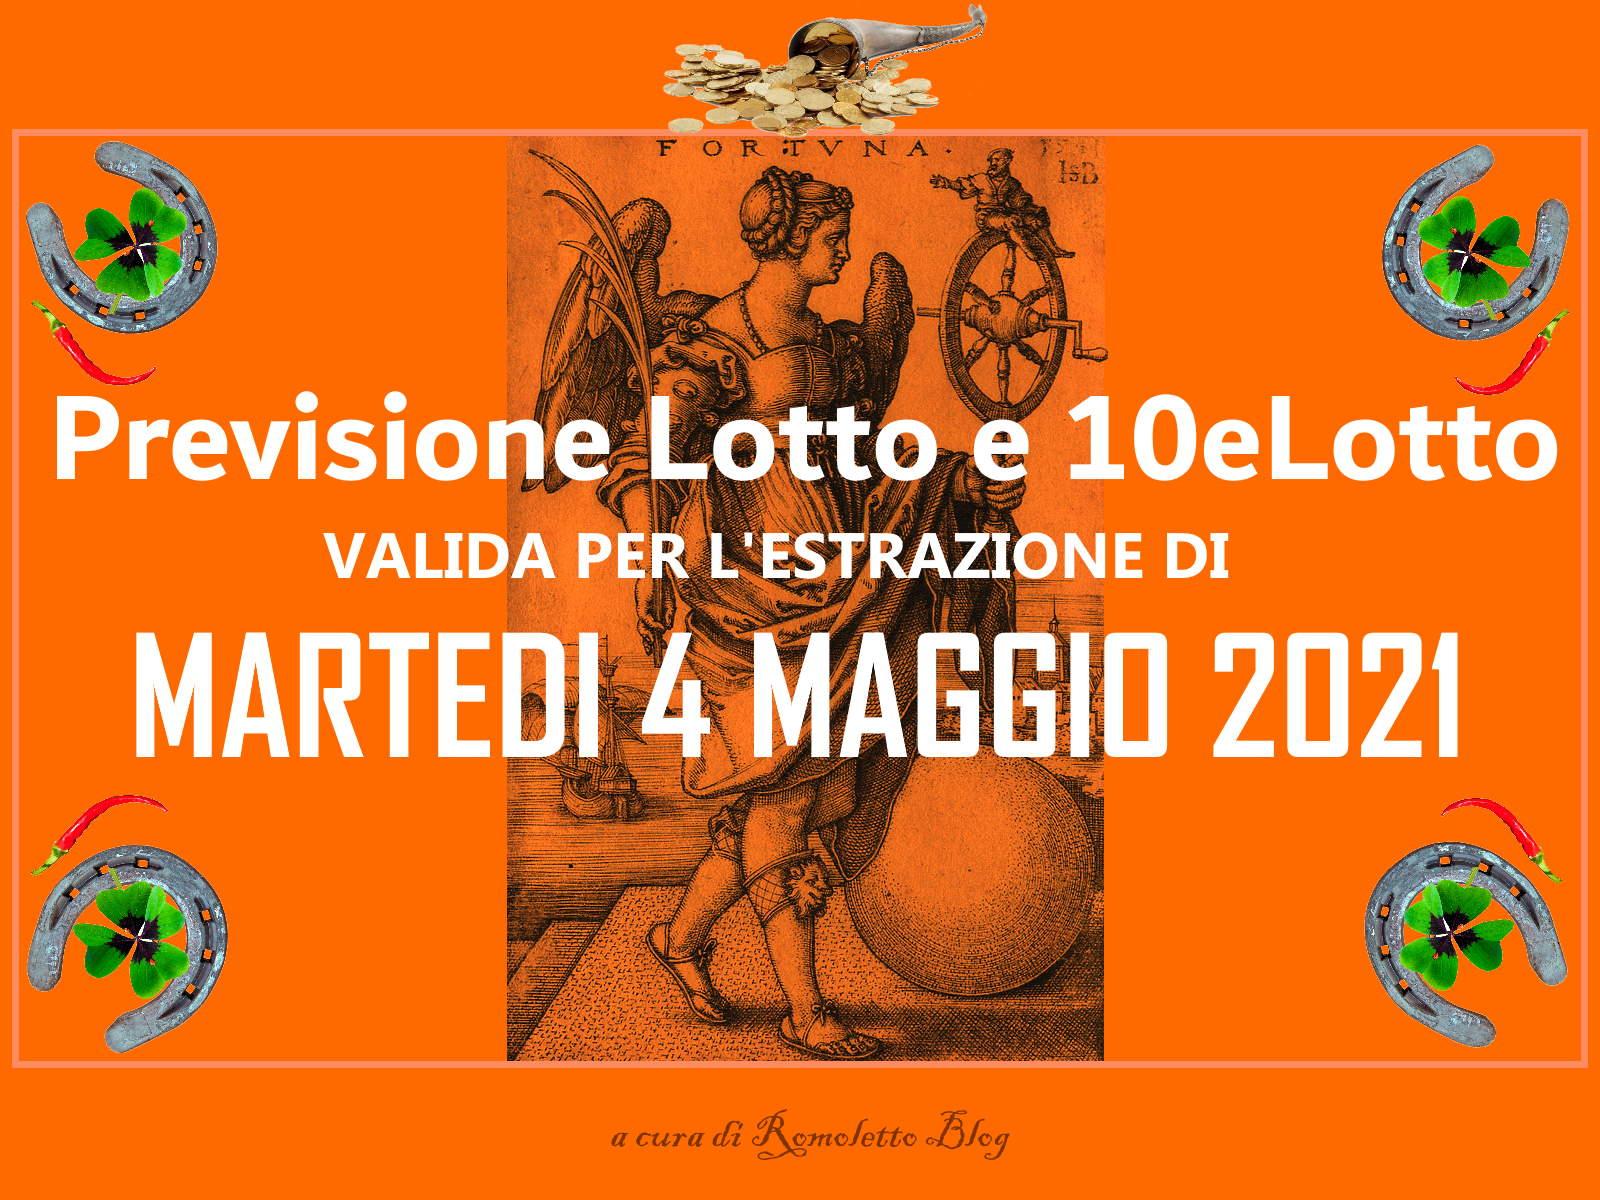 Previsione Lotto 4 Maggio 2021